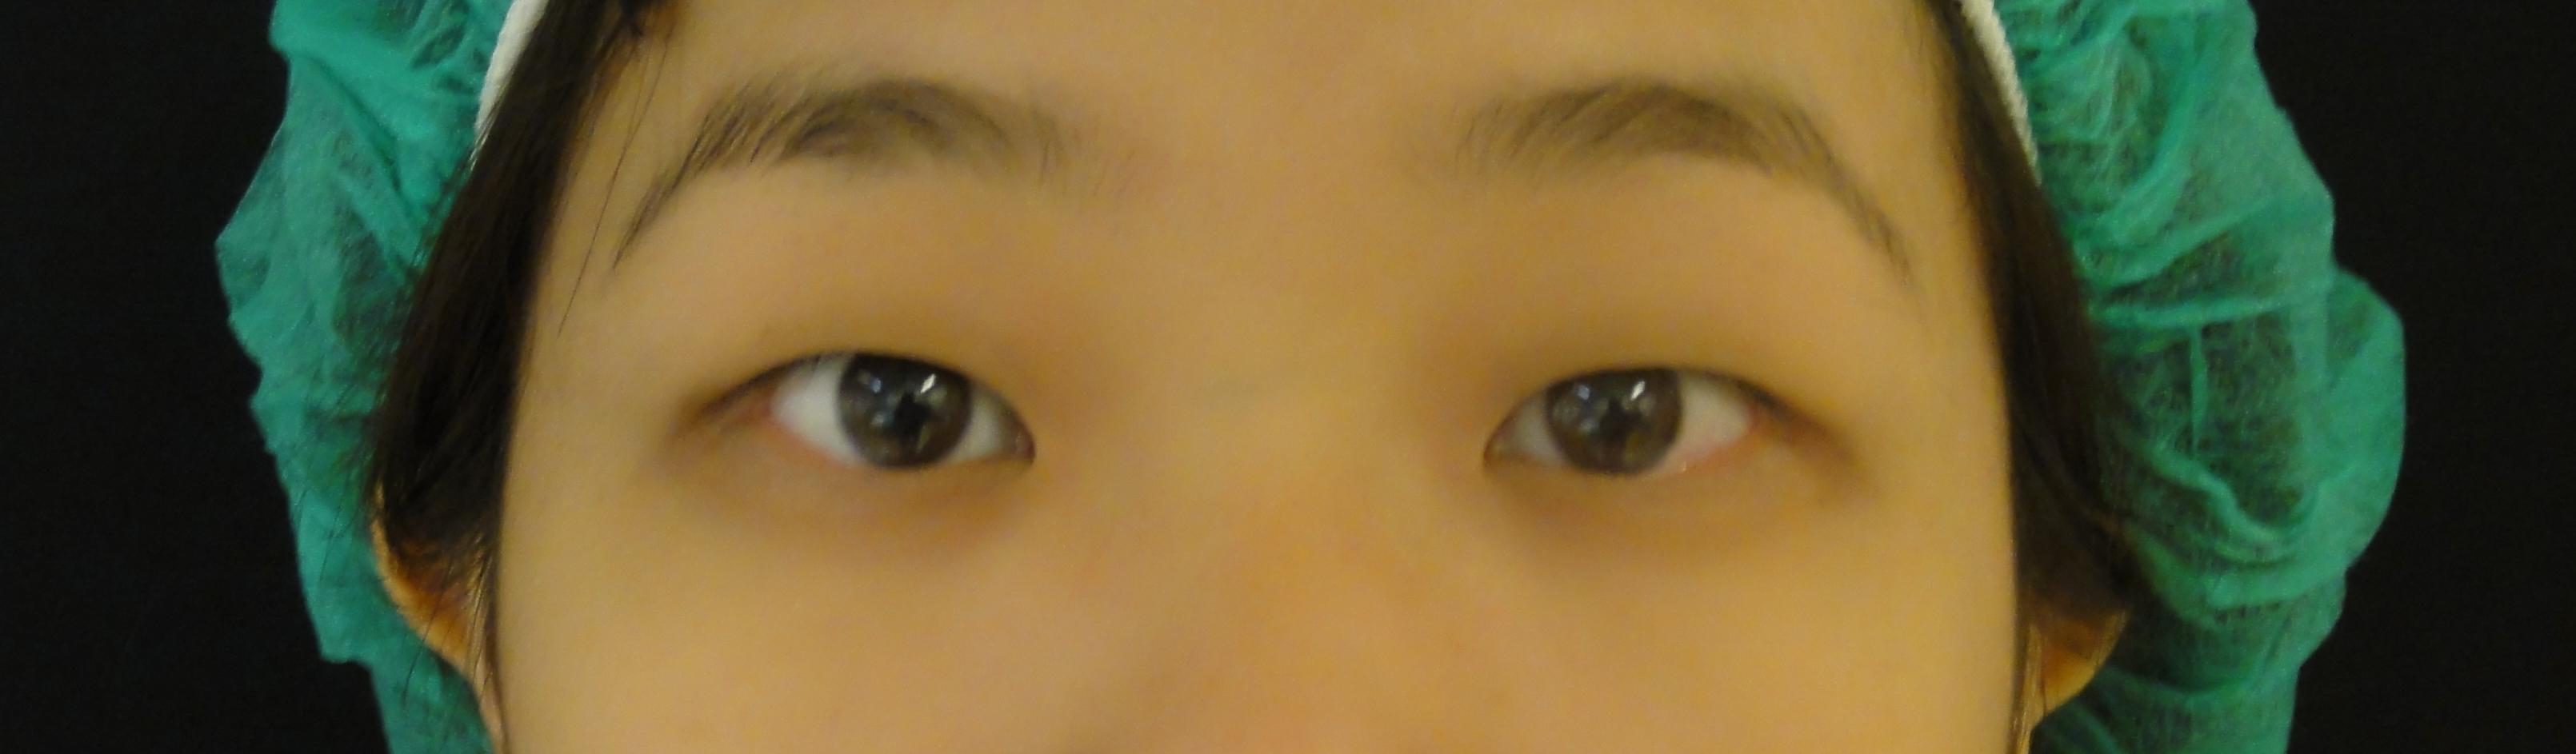 2+1訂書針縫雙眼皮